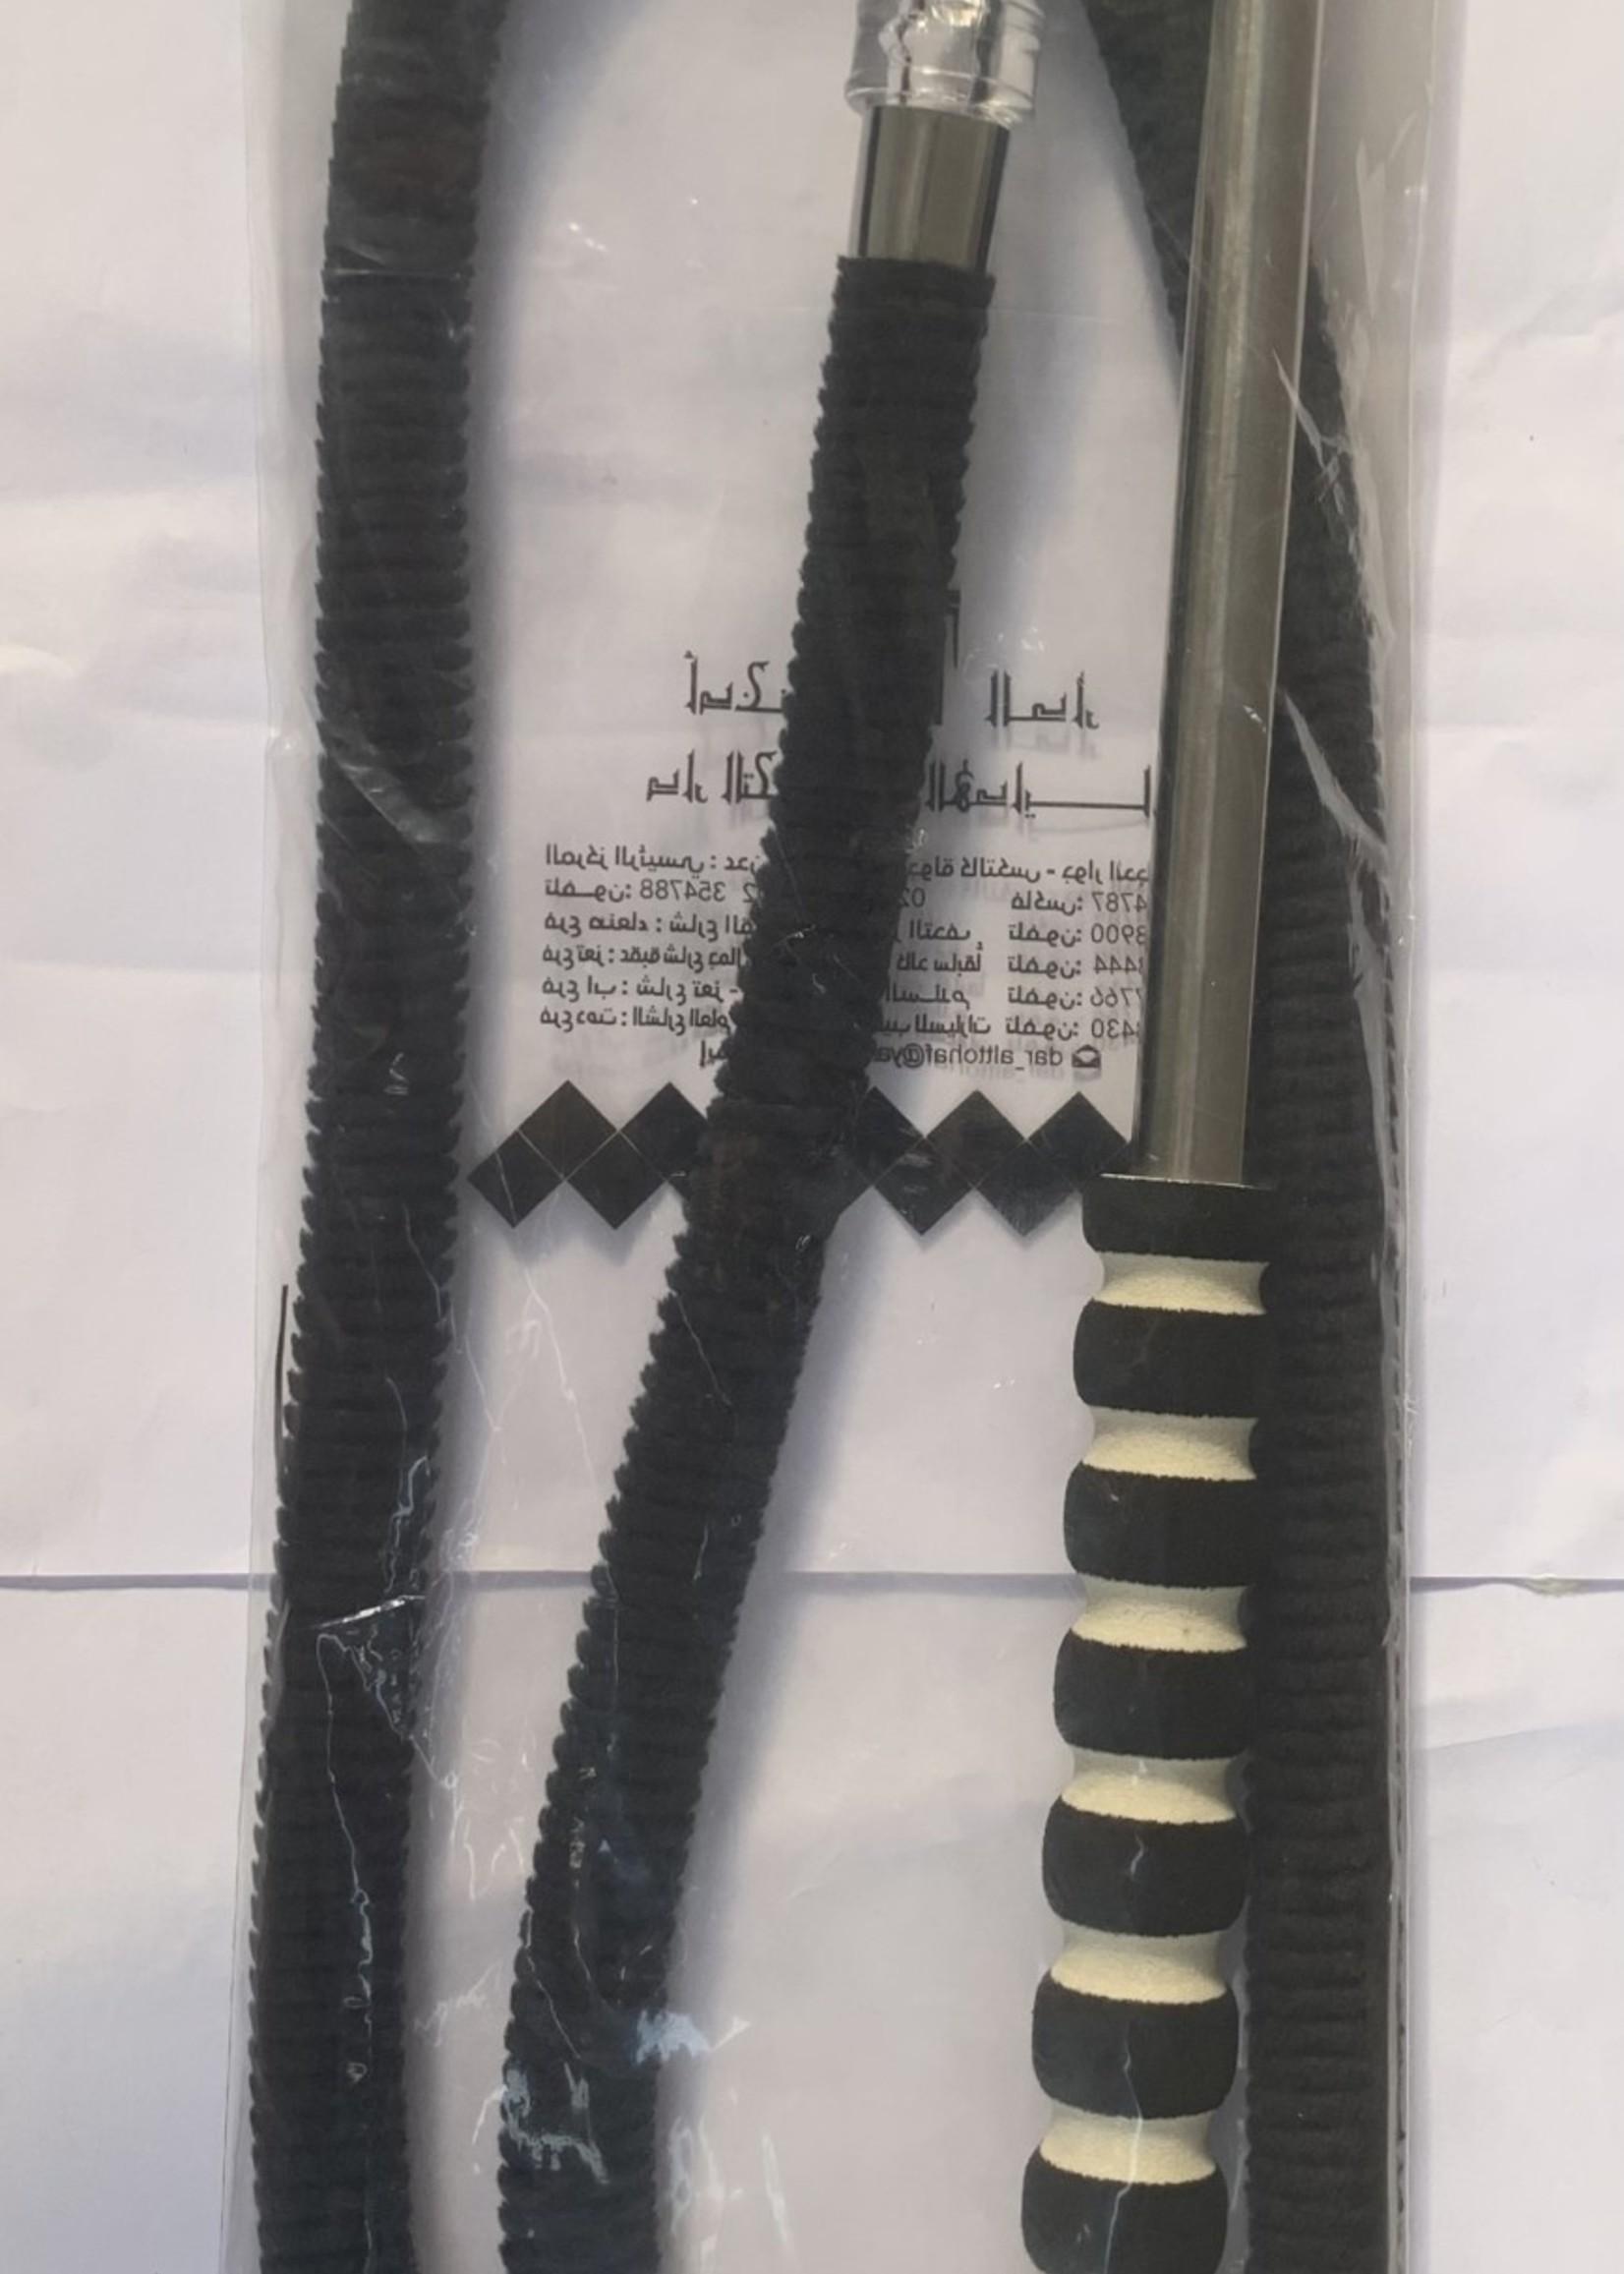 Stalk pipes - black